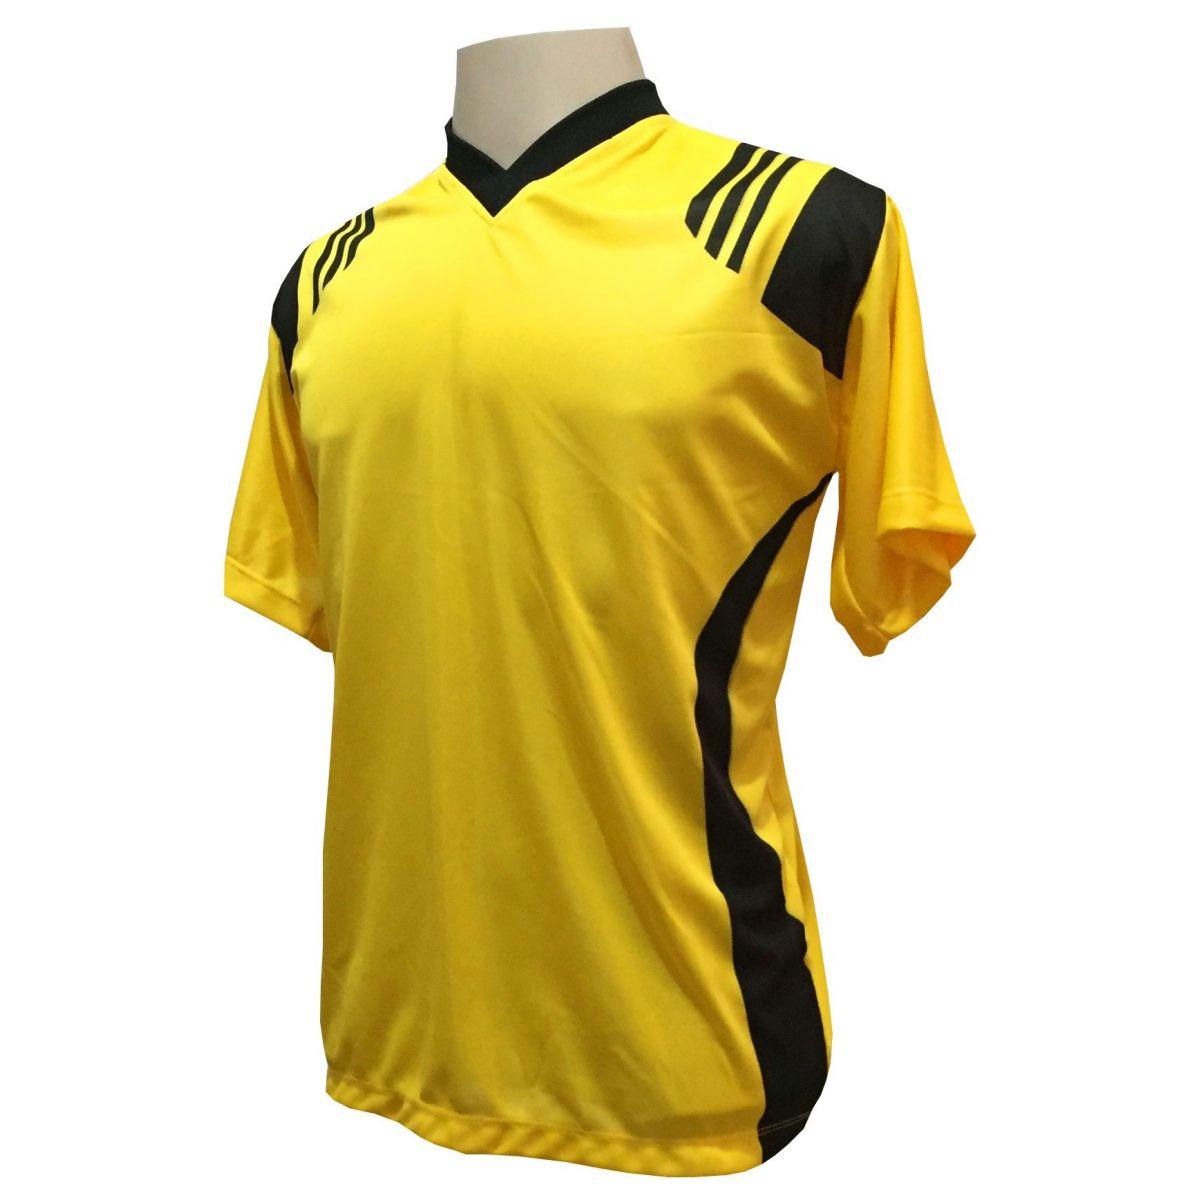 ... Uniforme Esportivo com 18 camisas modelo Roma Amarelo Preto + 18  calções modelo Copa Preto ... 9d44e3dab53bb